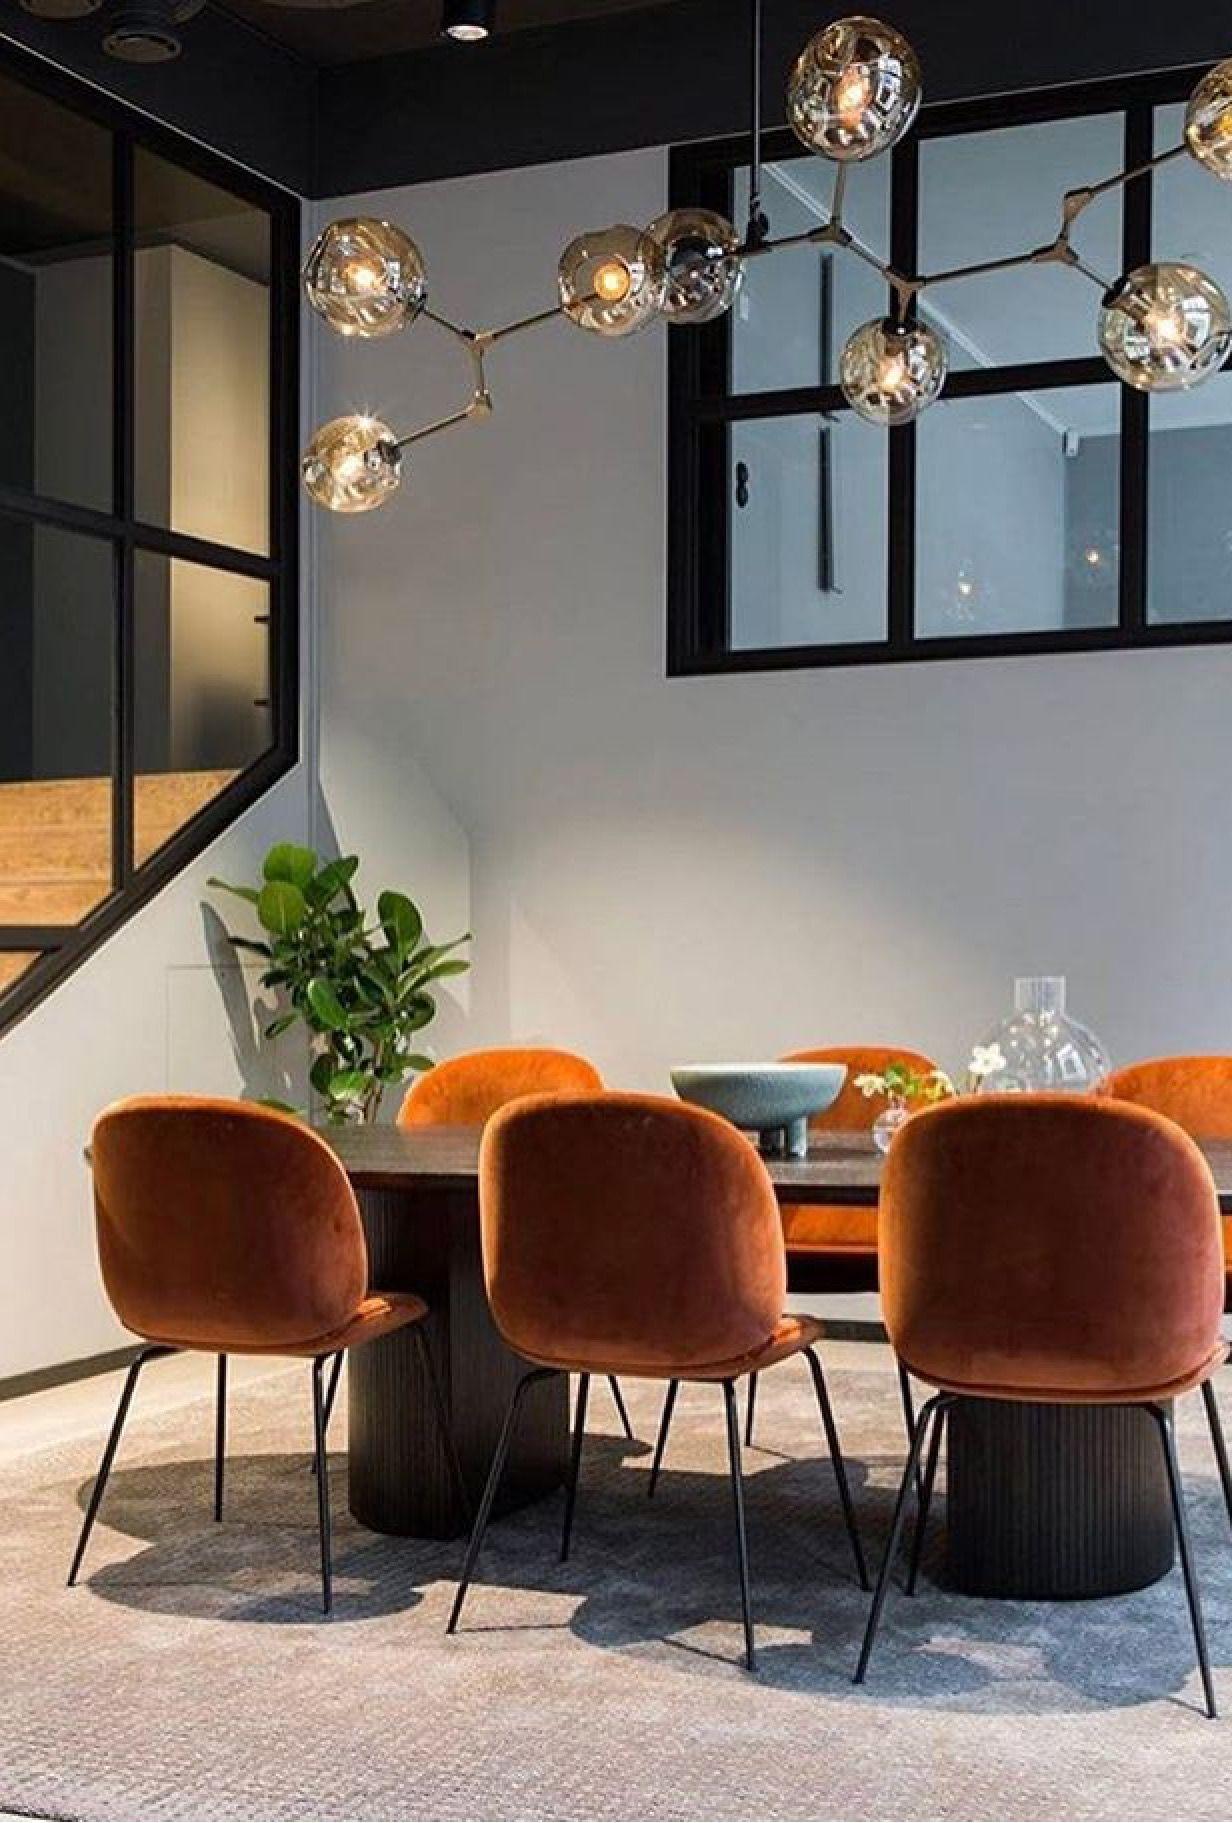 Pin von Didier Theard auf Furniture | Pinterest | Esstisch stühle ...